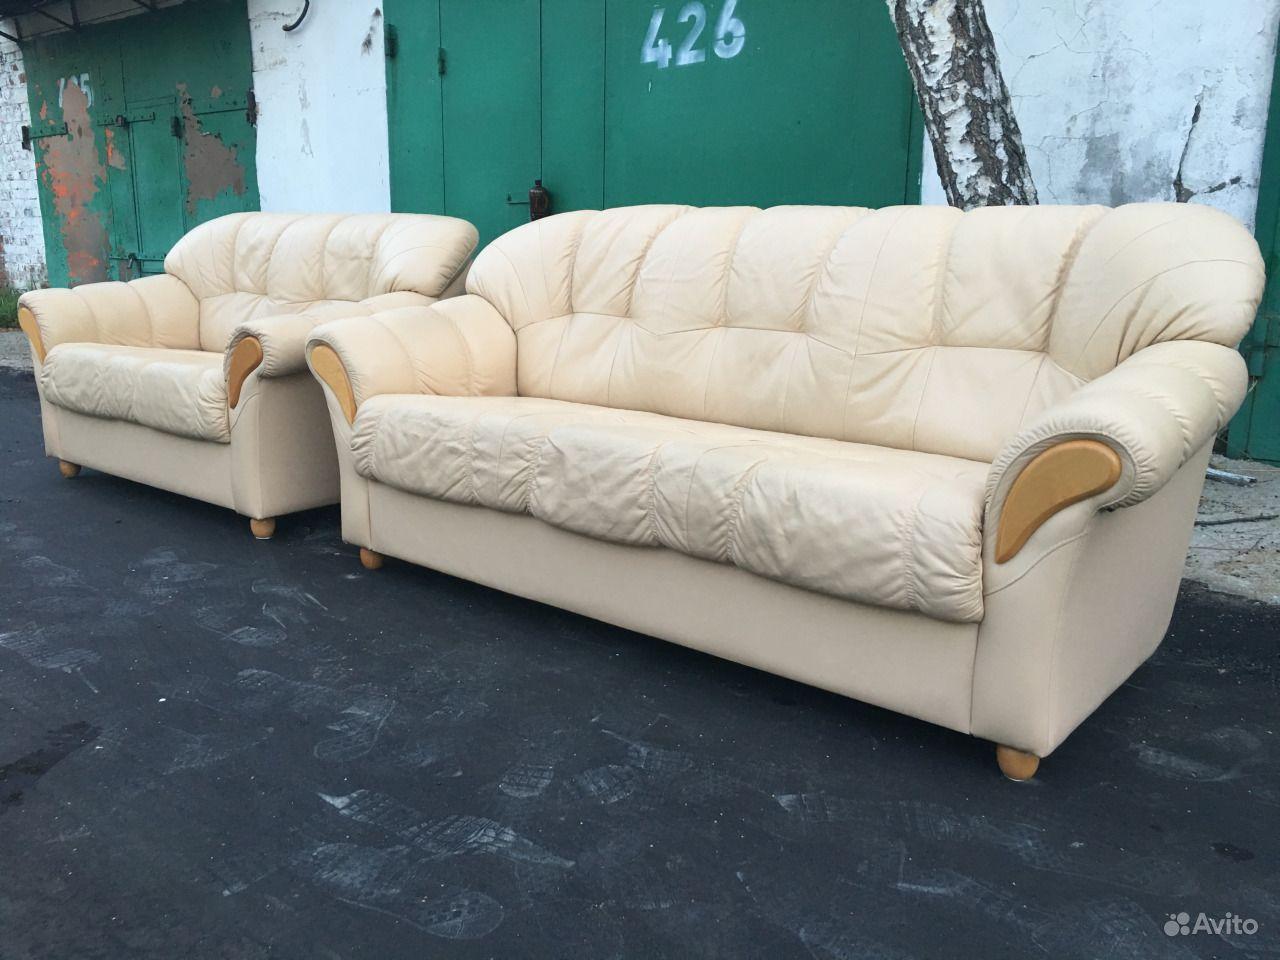 Мягкая мебель - финляндия в ассортименте от известных производителей по отличным ценам и с оперативной доставкой от магазина президент-мебель.